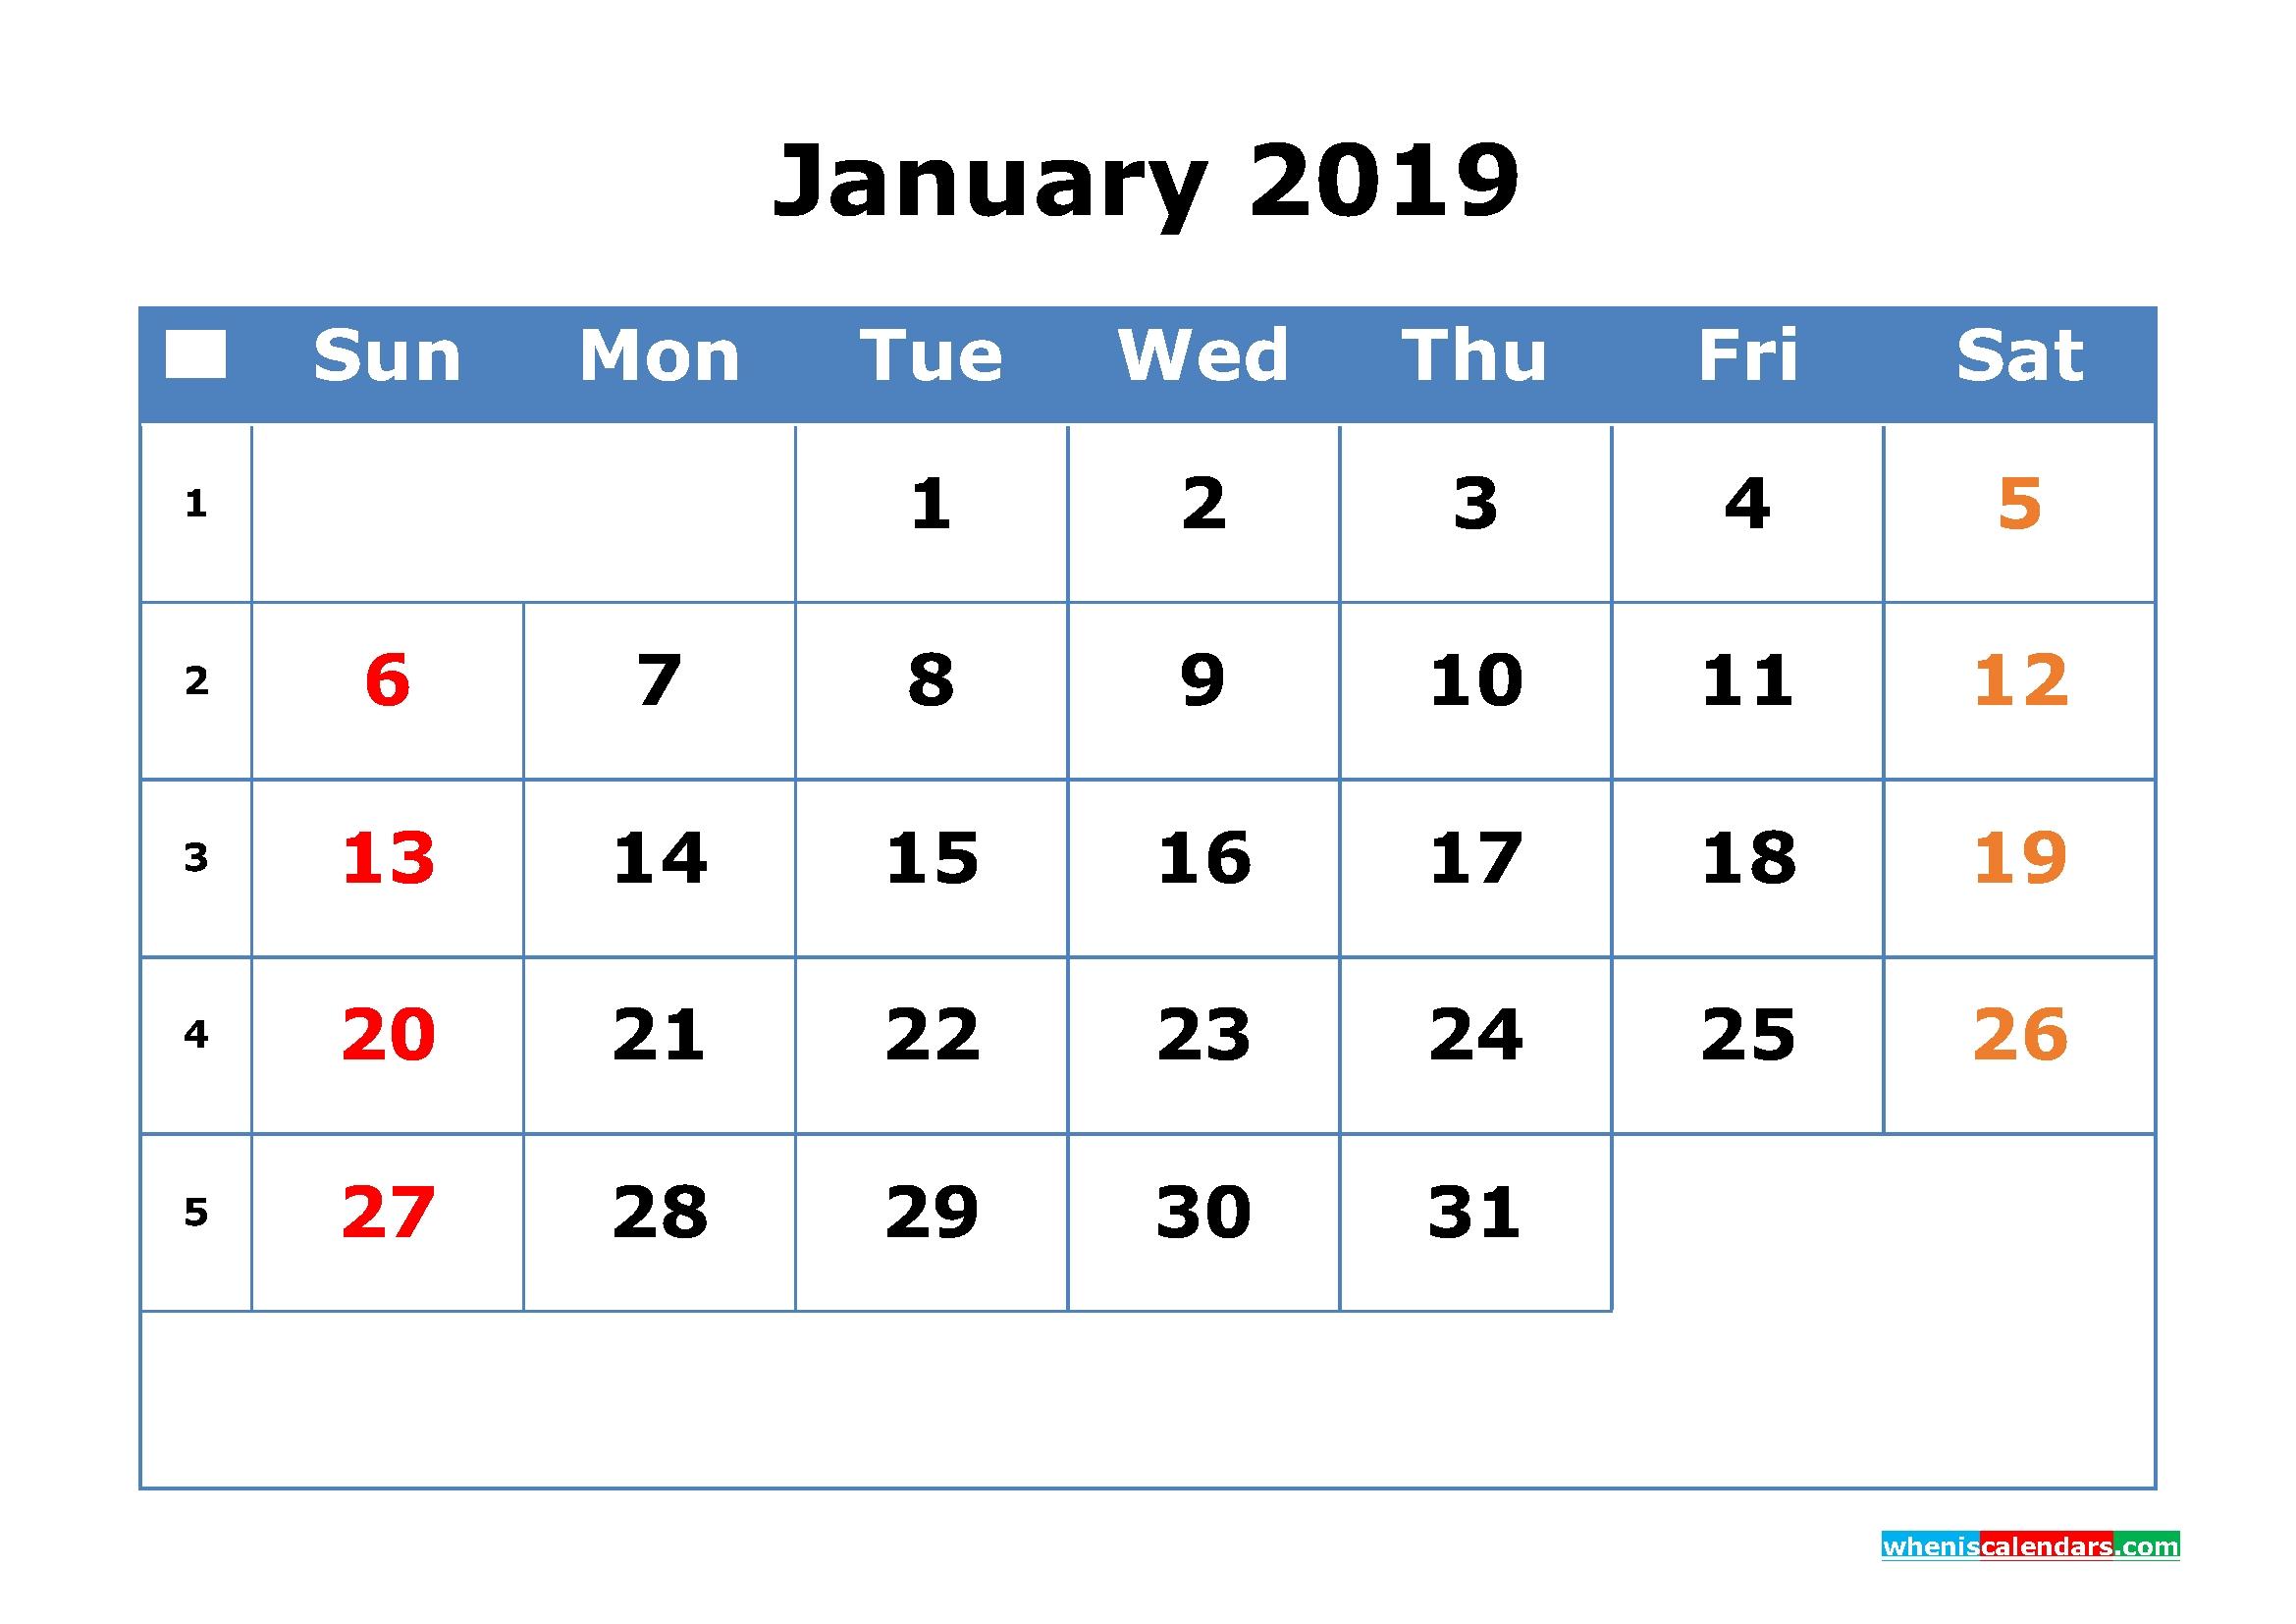 2019 Calendar With Week Numbers Printable As Pdf, Image, Excel Calendar 2019 Excel By Week